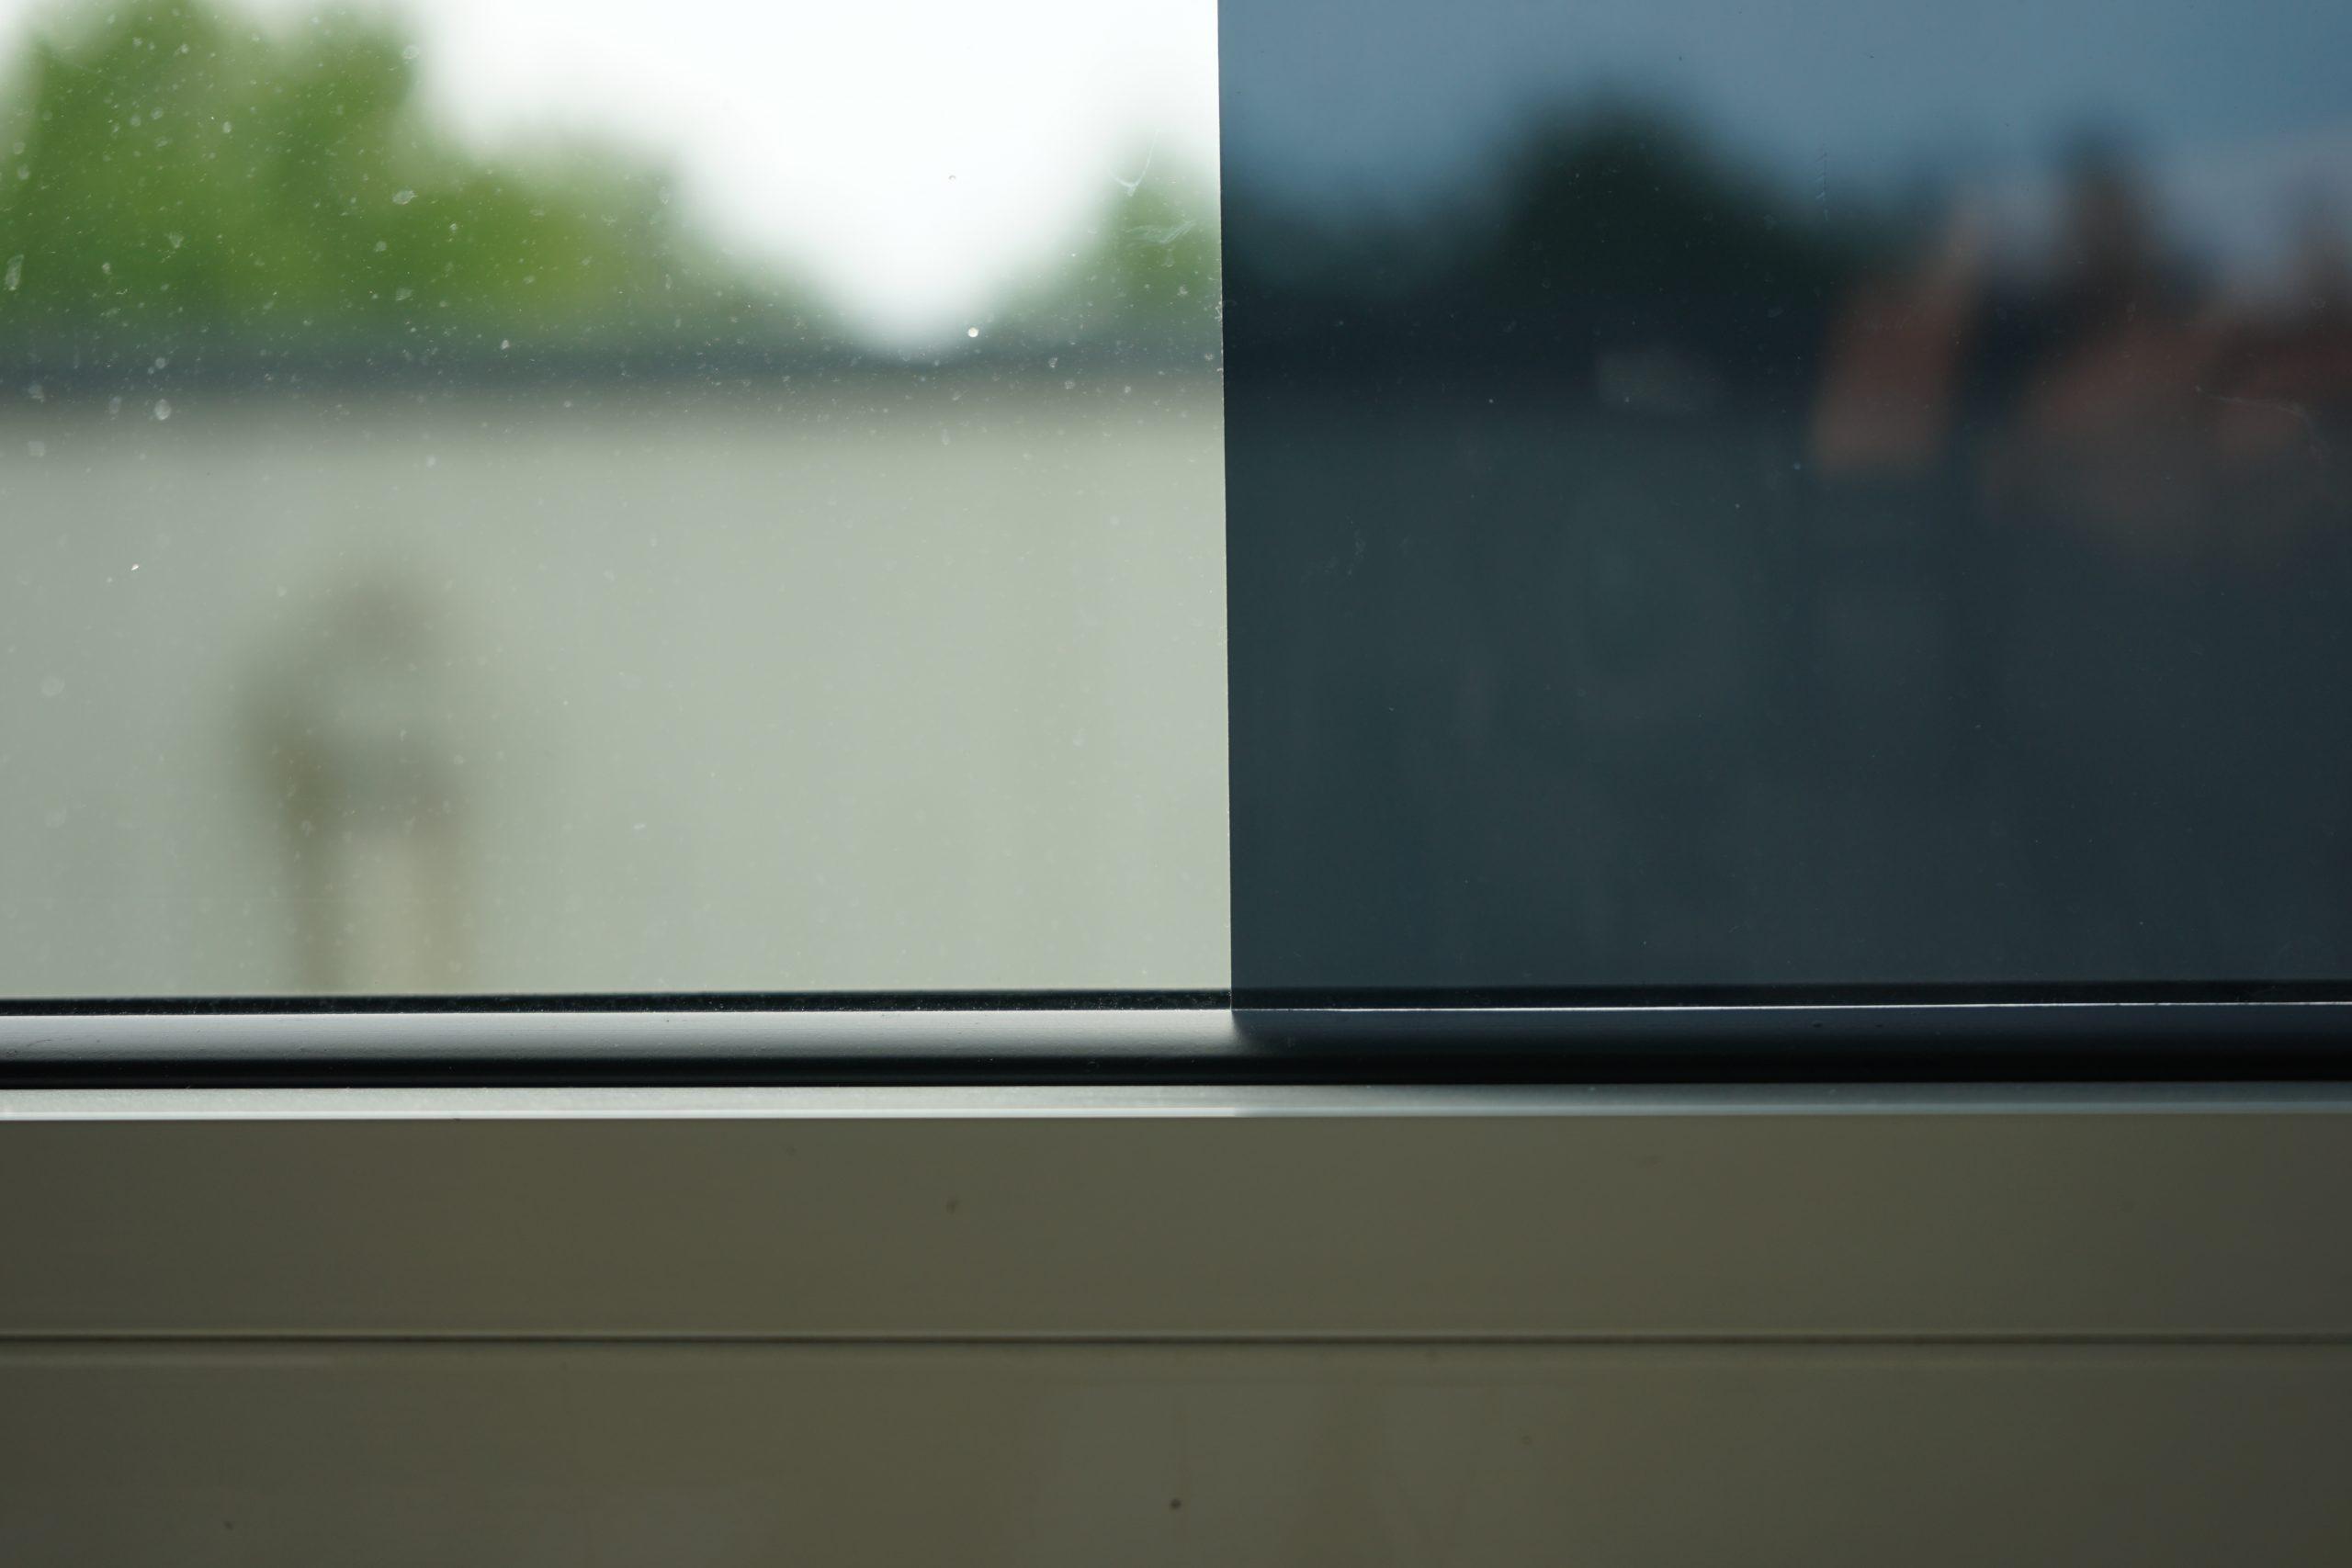 Full Size of Folie Fr Fenster Sichtschutz Von Auen Günstig Kaufen In Polen Veka Insektenschutz Ohne Bohren Insektenschutzgitter Sichtschutzfolien Für Rahmenlose Schüco Fenster Folien Für Fenster